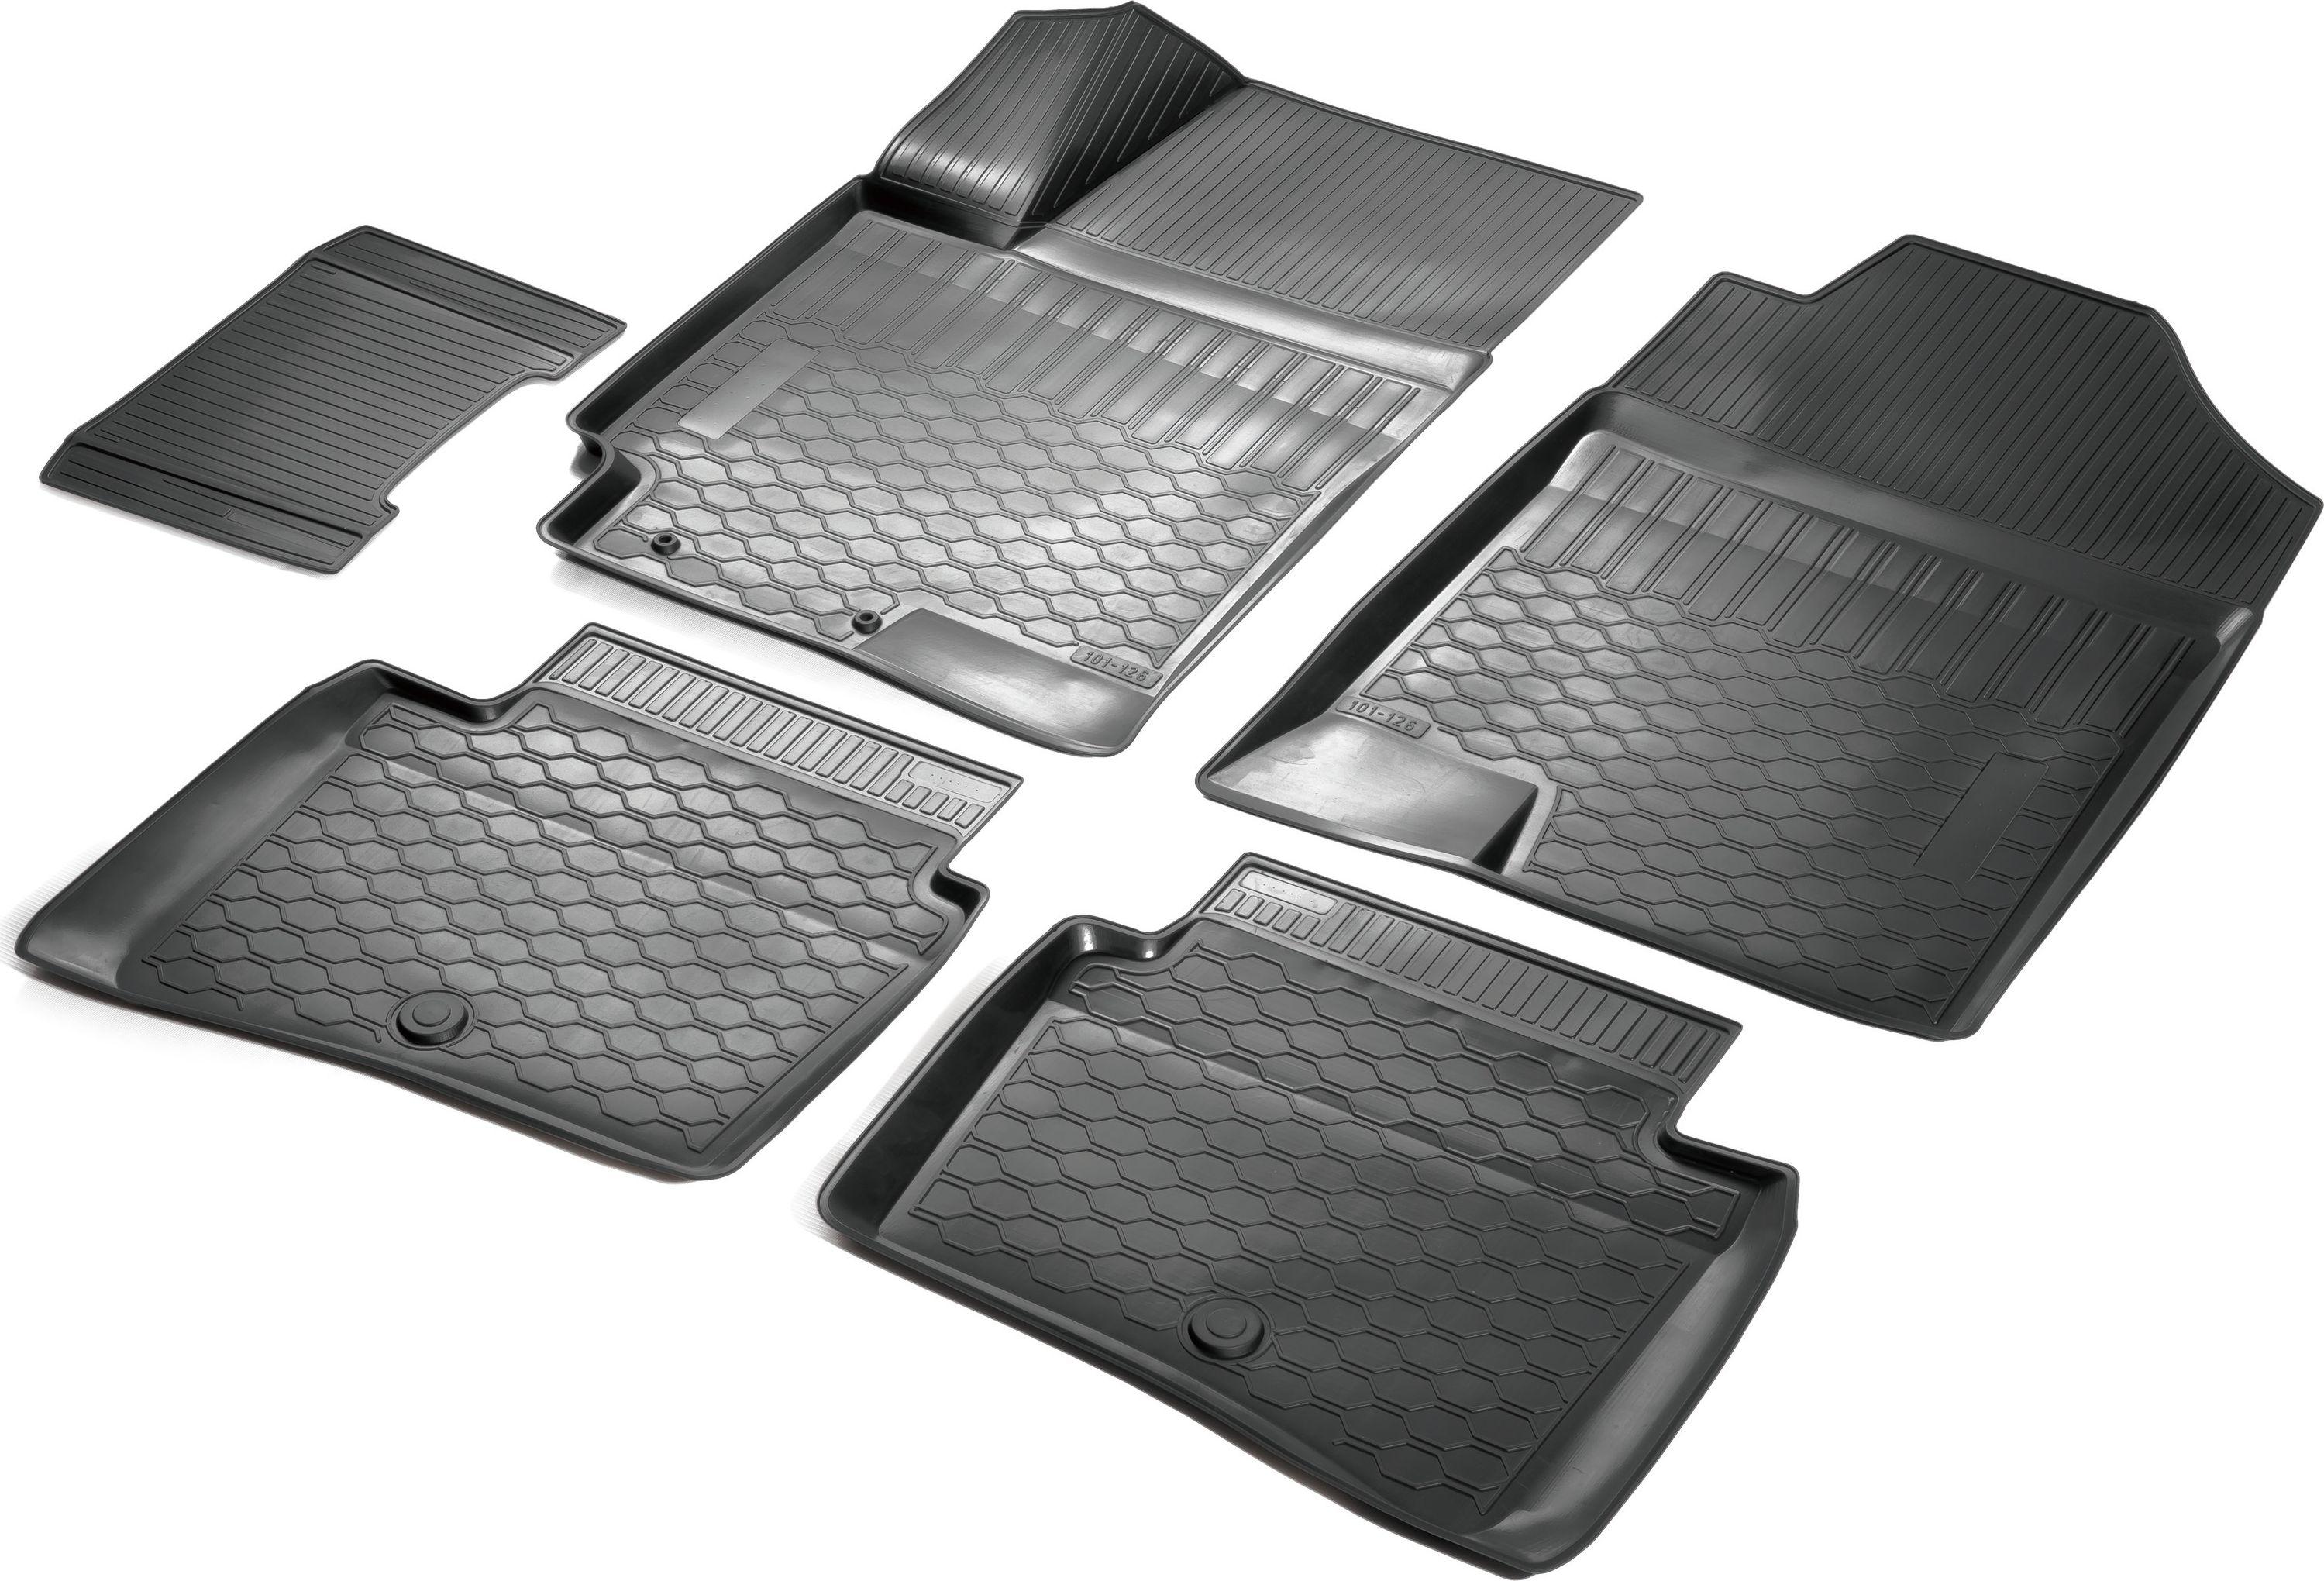 Коврики салона Rival для Hyundai Solaris (SD) 2017-/ Kia Rio (SD) 2017-, c перемычкой между задними ковриками, полиуретанст18фПрочные и долговечные коврики Rival в салон автомобиля, изготовлены из высококачественного и экологичного сырья. Коврики полностью повторяют геометрию салона вашего автомобиля.- Надежная система крепления, позволяющая закрепить коврик на штатные элементы фиксации, в результате чего отсутствует эффект скольжения по салону автомобиля.- Высокая стойкость поверхности к стиранию.- Специализированный рисунок и высокий борт, препятствующие распространению грязи и жидкости по поверхности коврика.- Перемычка задних ковриков в комплекте предотвращает загрязнение тоннеля карданного вала.- Коврики произведены из первичных материалов, в результате чего отсутствует неприятный запах в салоне автомобиля.- Высокая эластичность, можно беспрепятственно эксплуатировать при температуре от -45°C до +45°C. Уважаемые клиенты! Обращаем ваше внимание, что коврики имеют форму, соответствующую модели данного автомобиля. Фото служит для визуального восприятия товара.